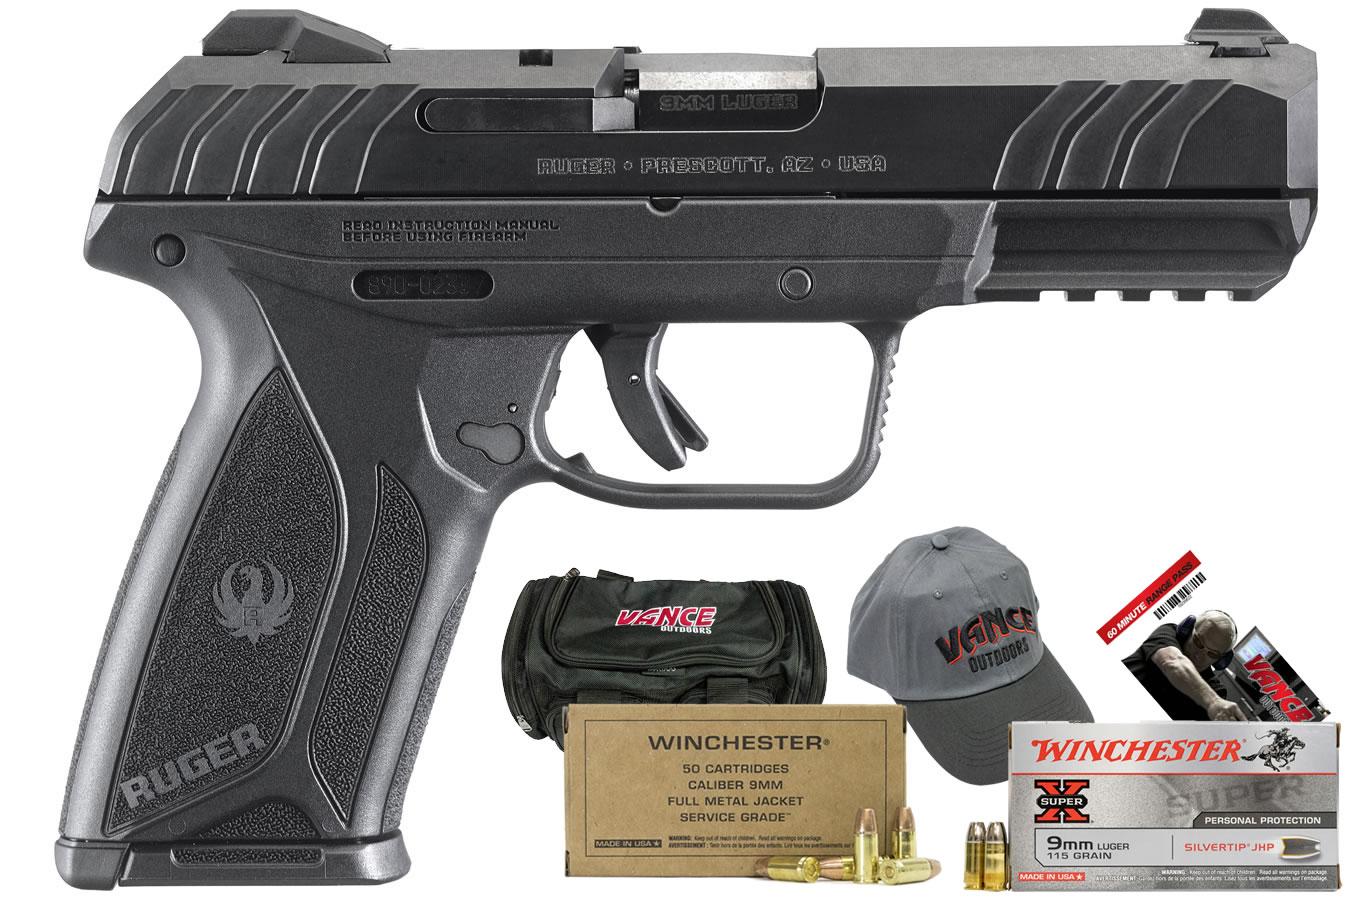 Ruger Security-9 9mm Pistol Range Package